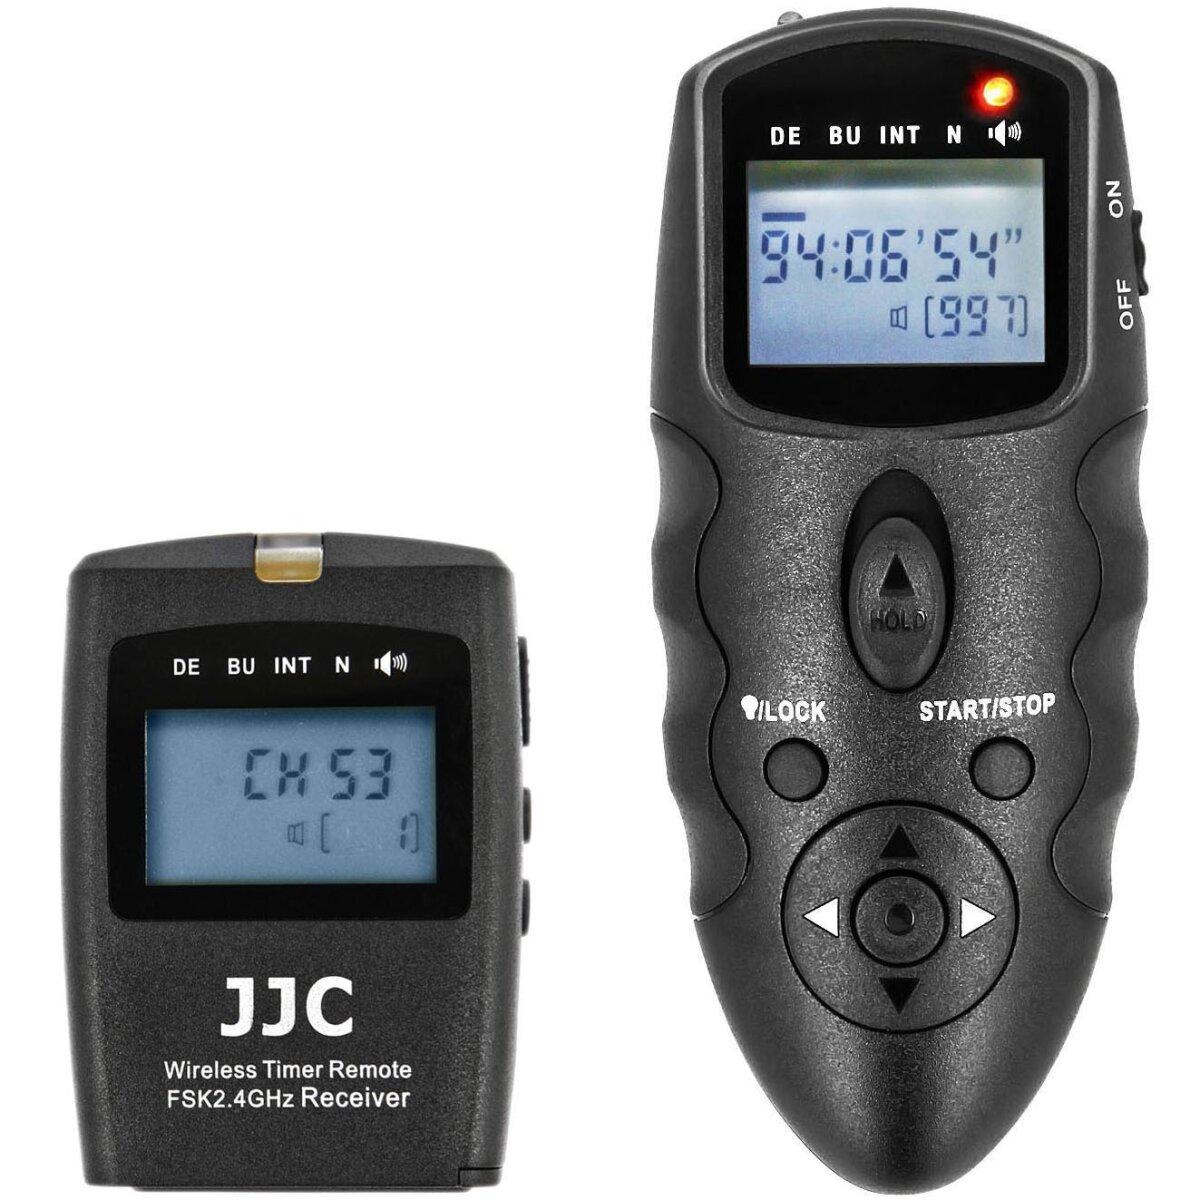 JJC Universal Timer bis zu 100m Reichweite Fernauslöser Funkauslöser HDR mit programmierbare Funktionen